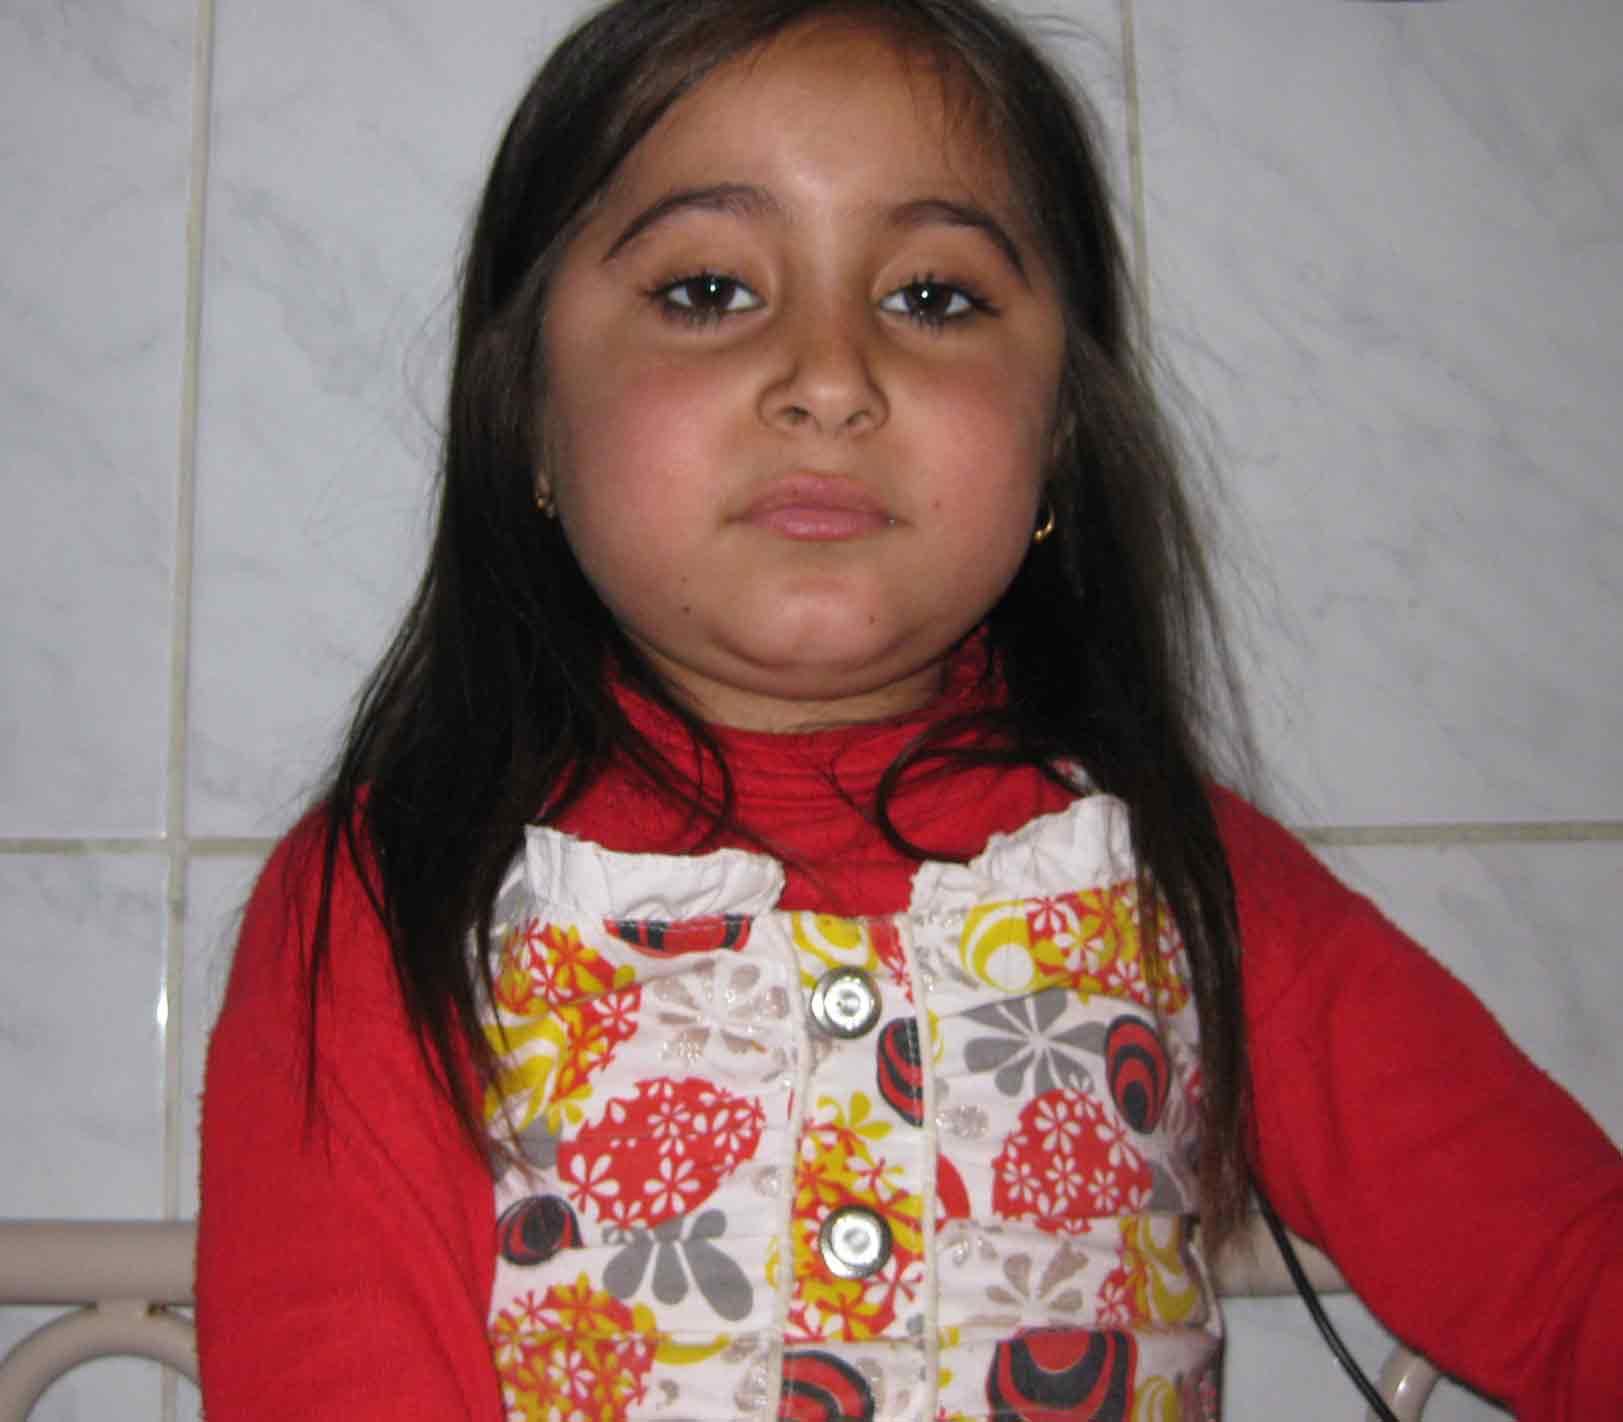 f0155297_21455860.jpg